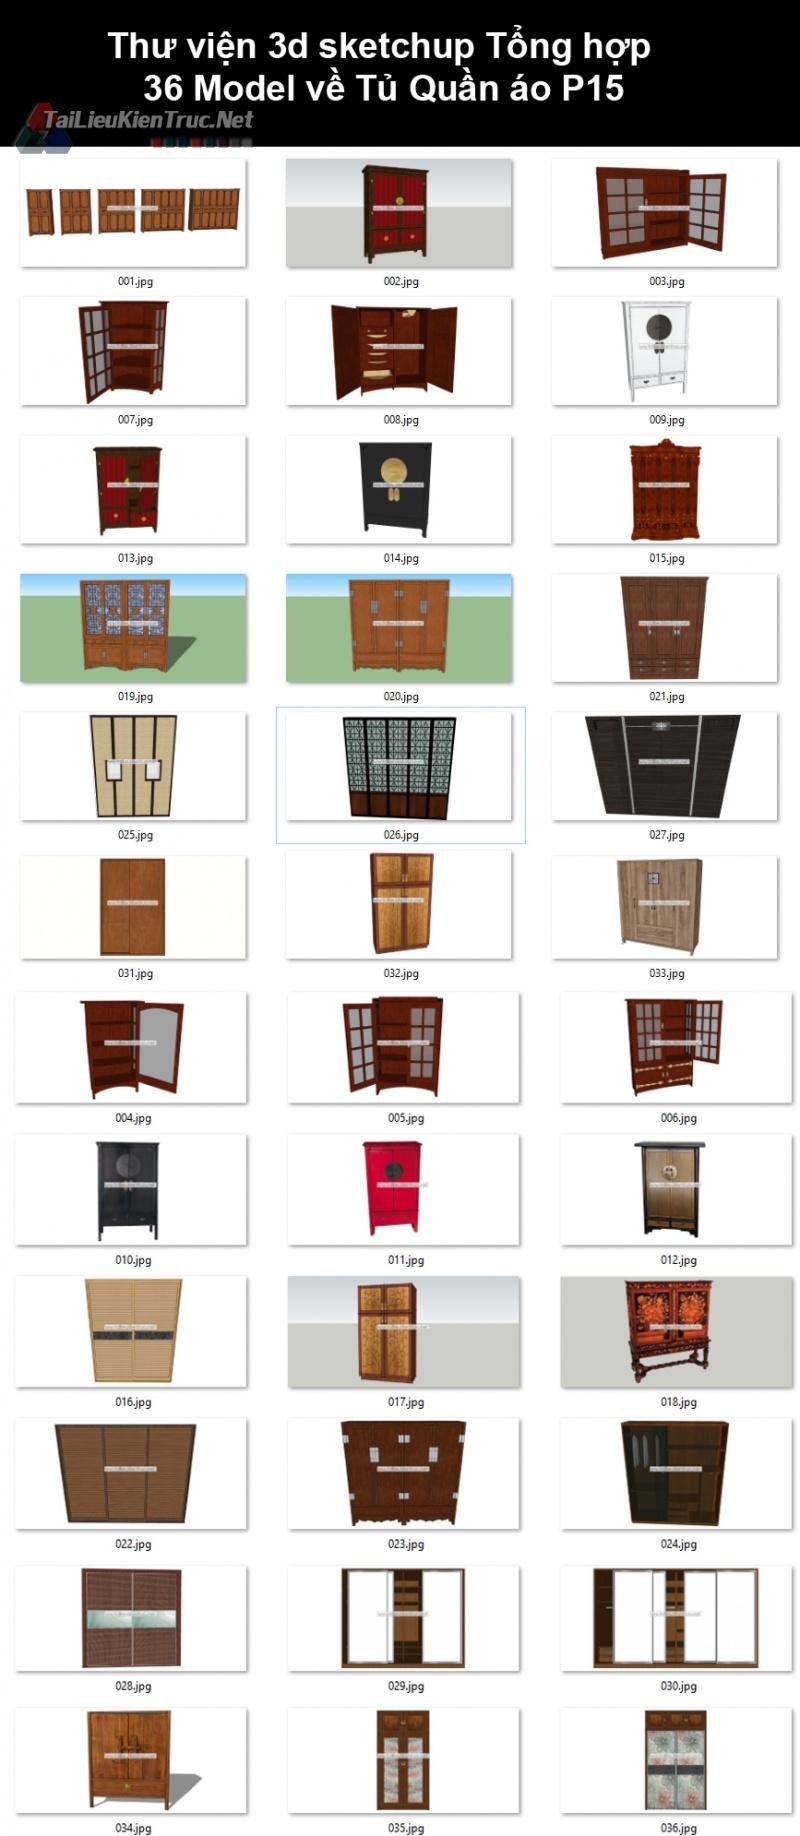 Thư viện 3d sketchup Tổng hợp 36 Model về Tủ Quần áo P15